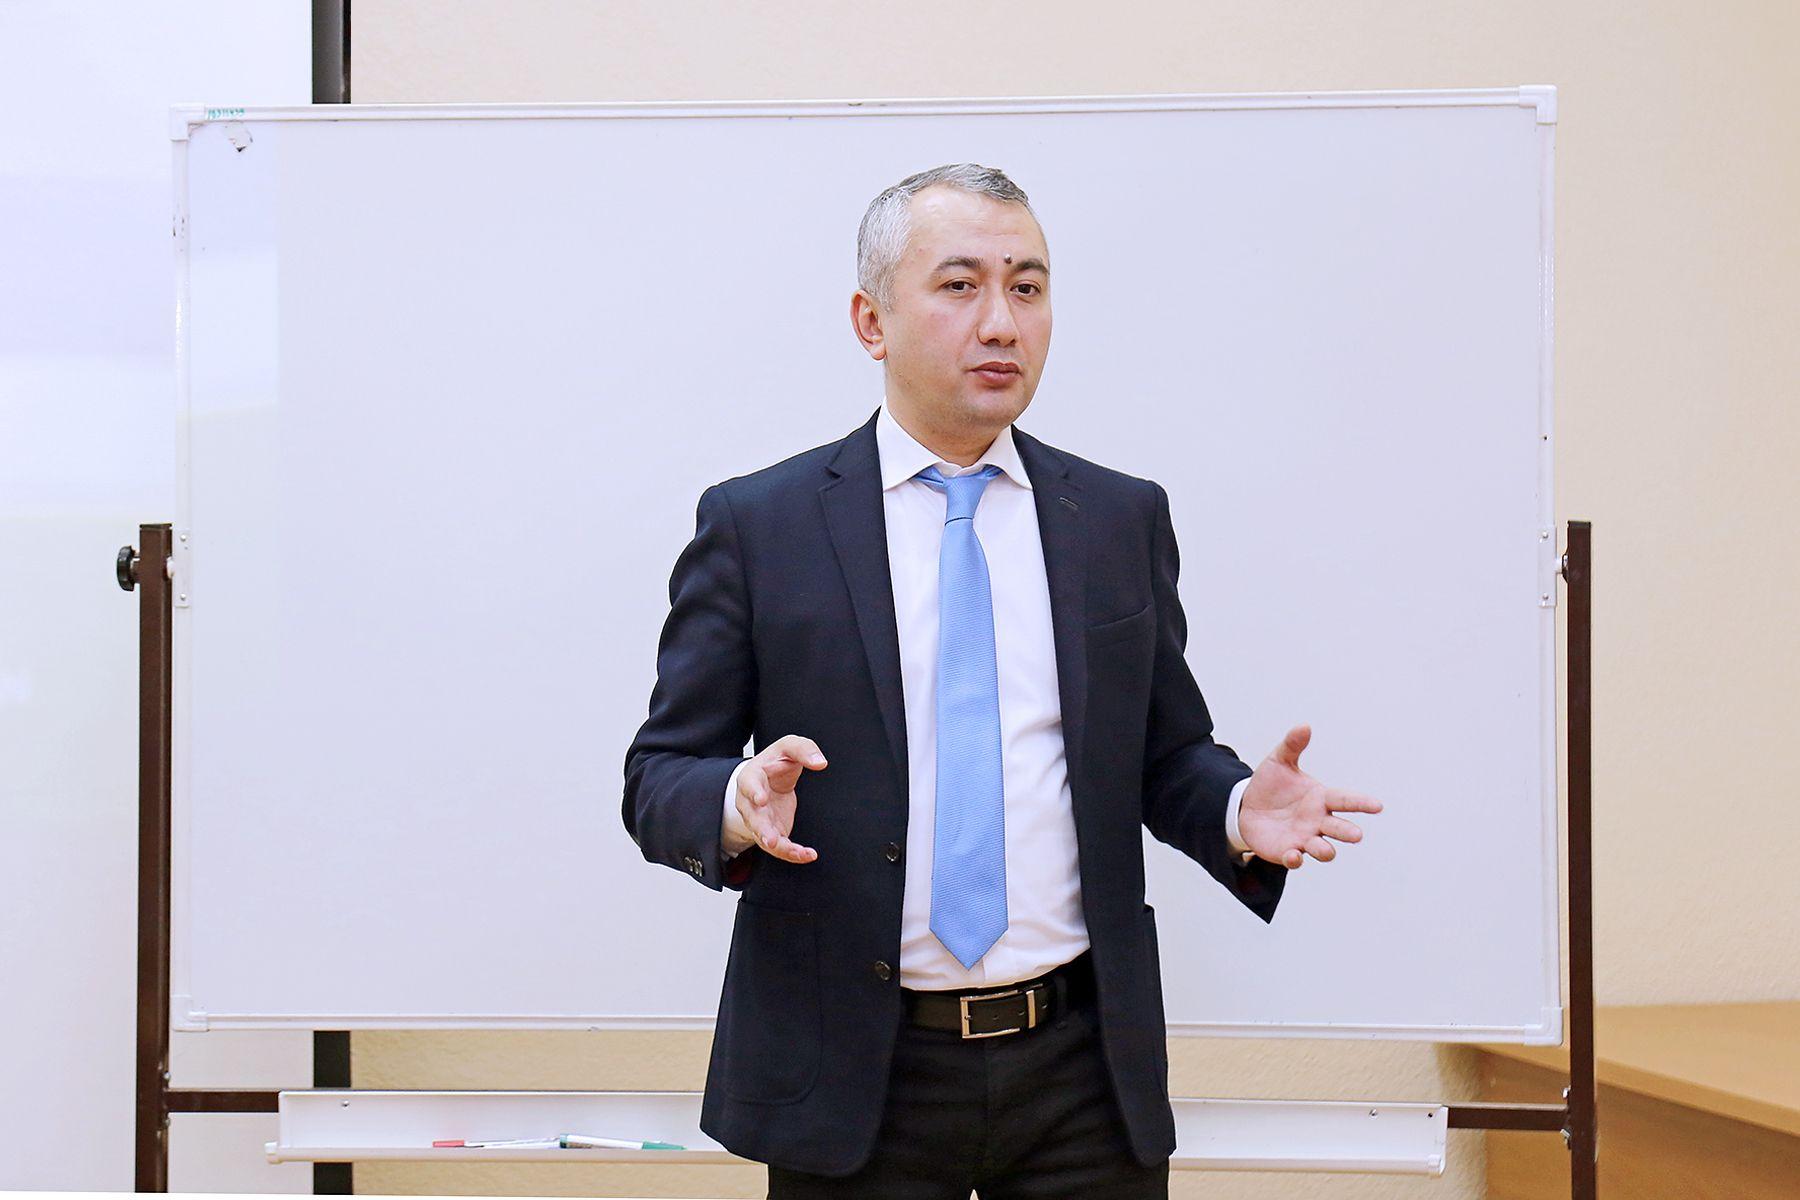 Генеральный консул Республики Узбекистан в г. Владивостоке Рустам Исмаилов рассказал во ВГУЭС, как начать карьеру в МИД